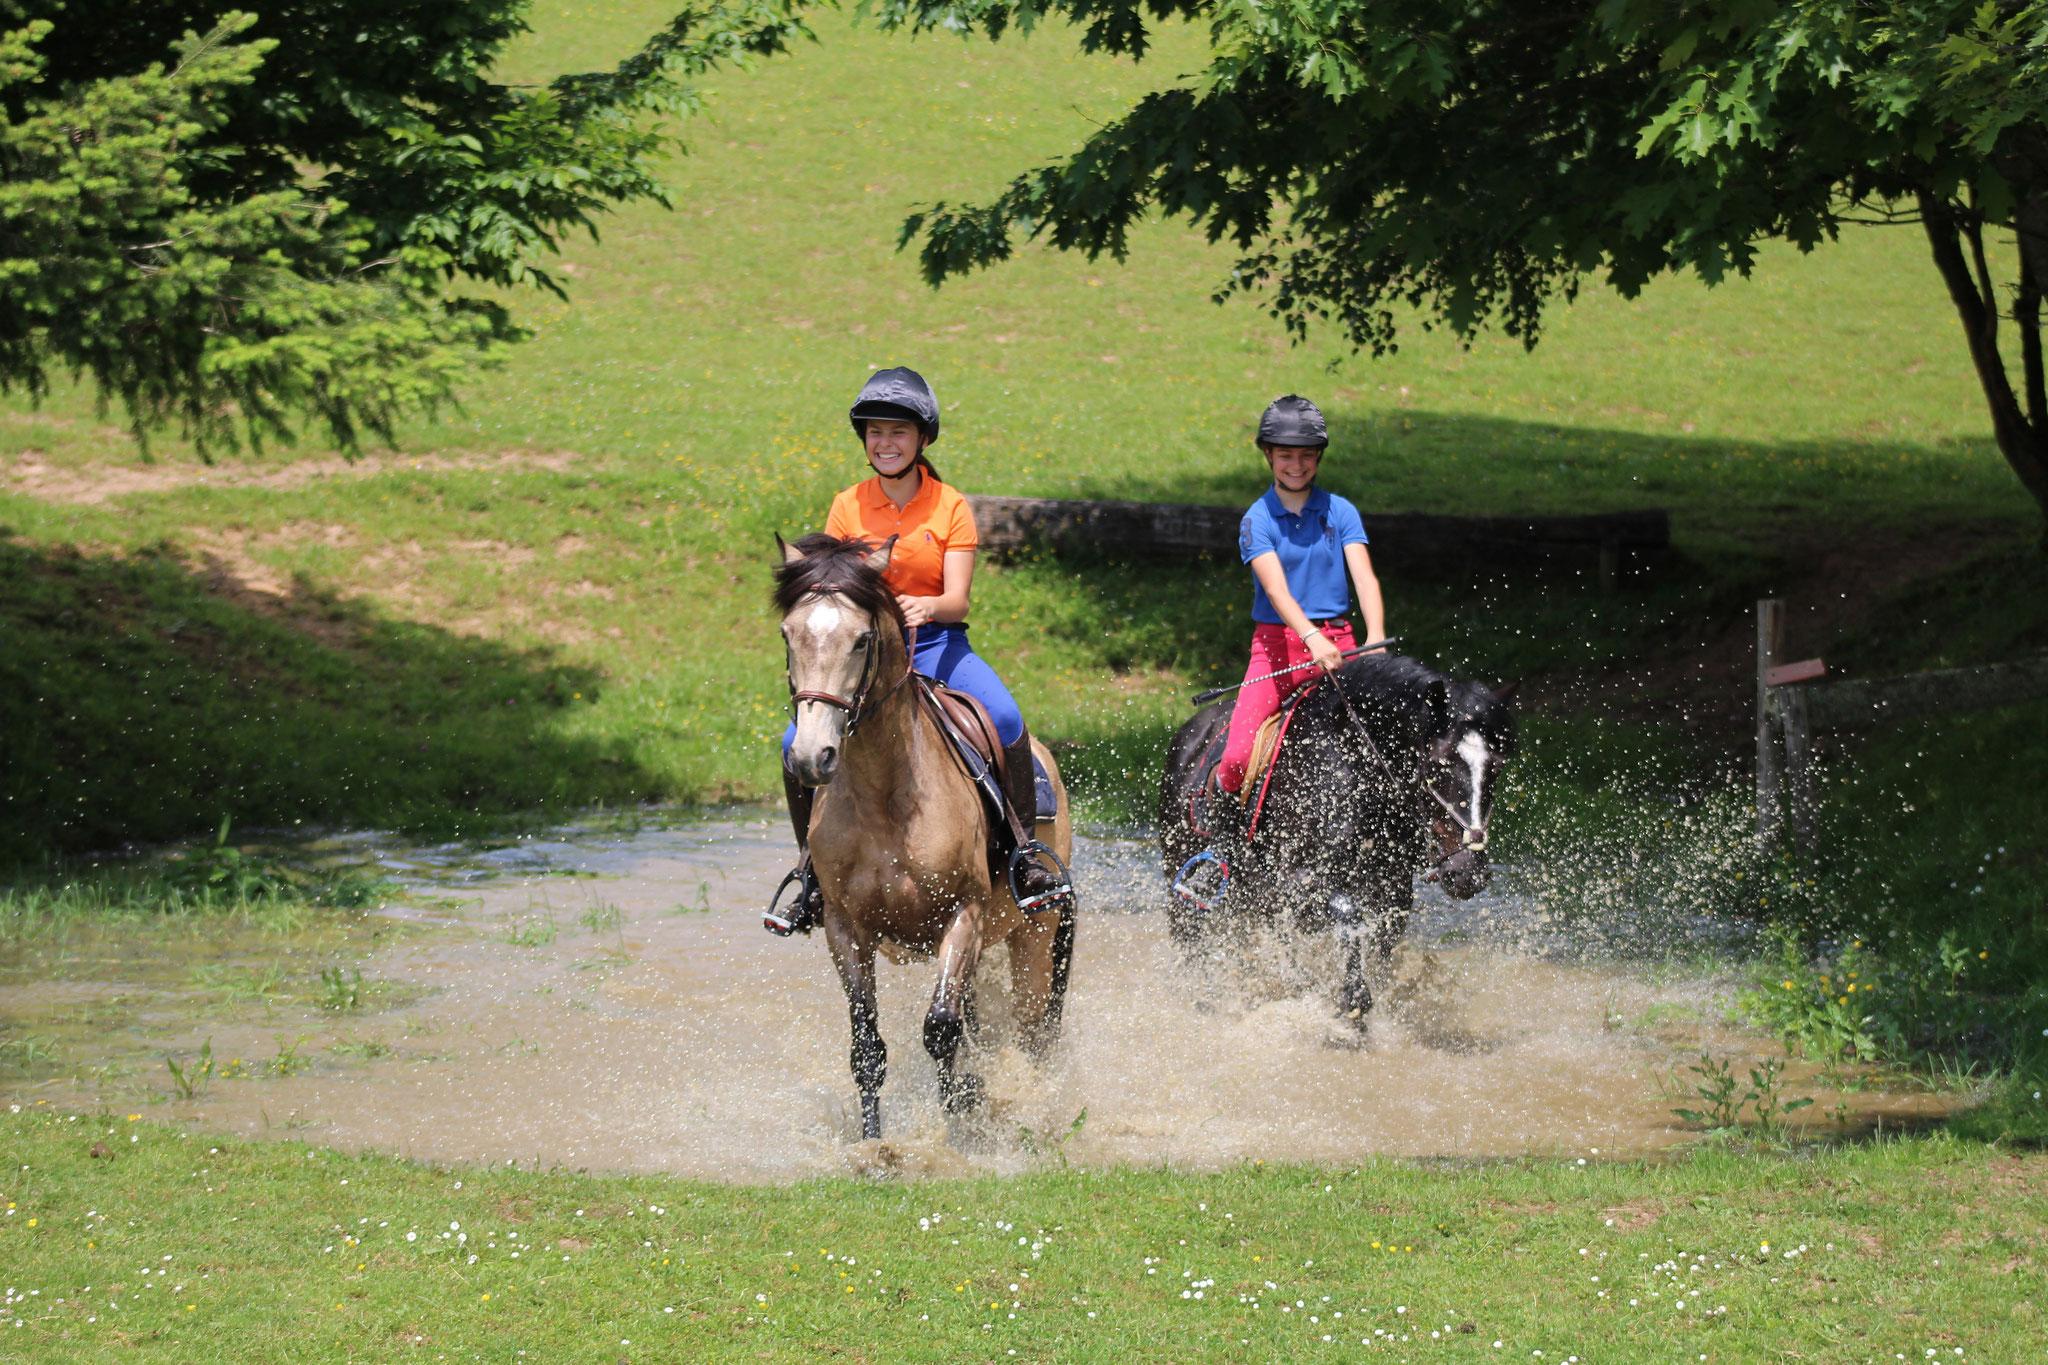 Activité de plein air et de nature, l'équitation à tout bon !